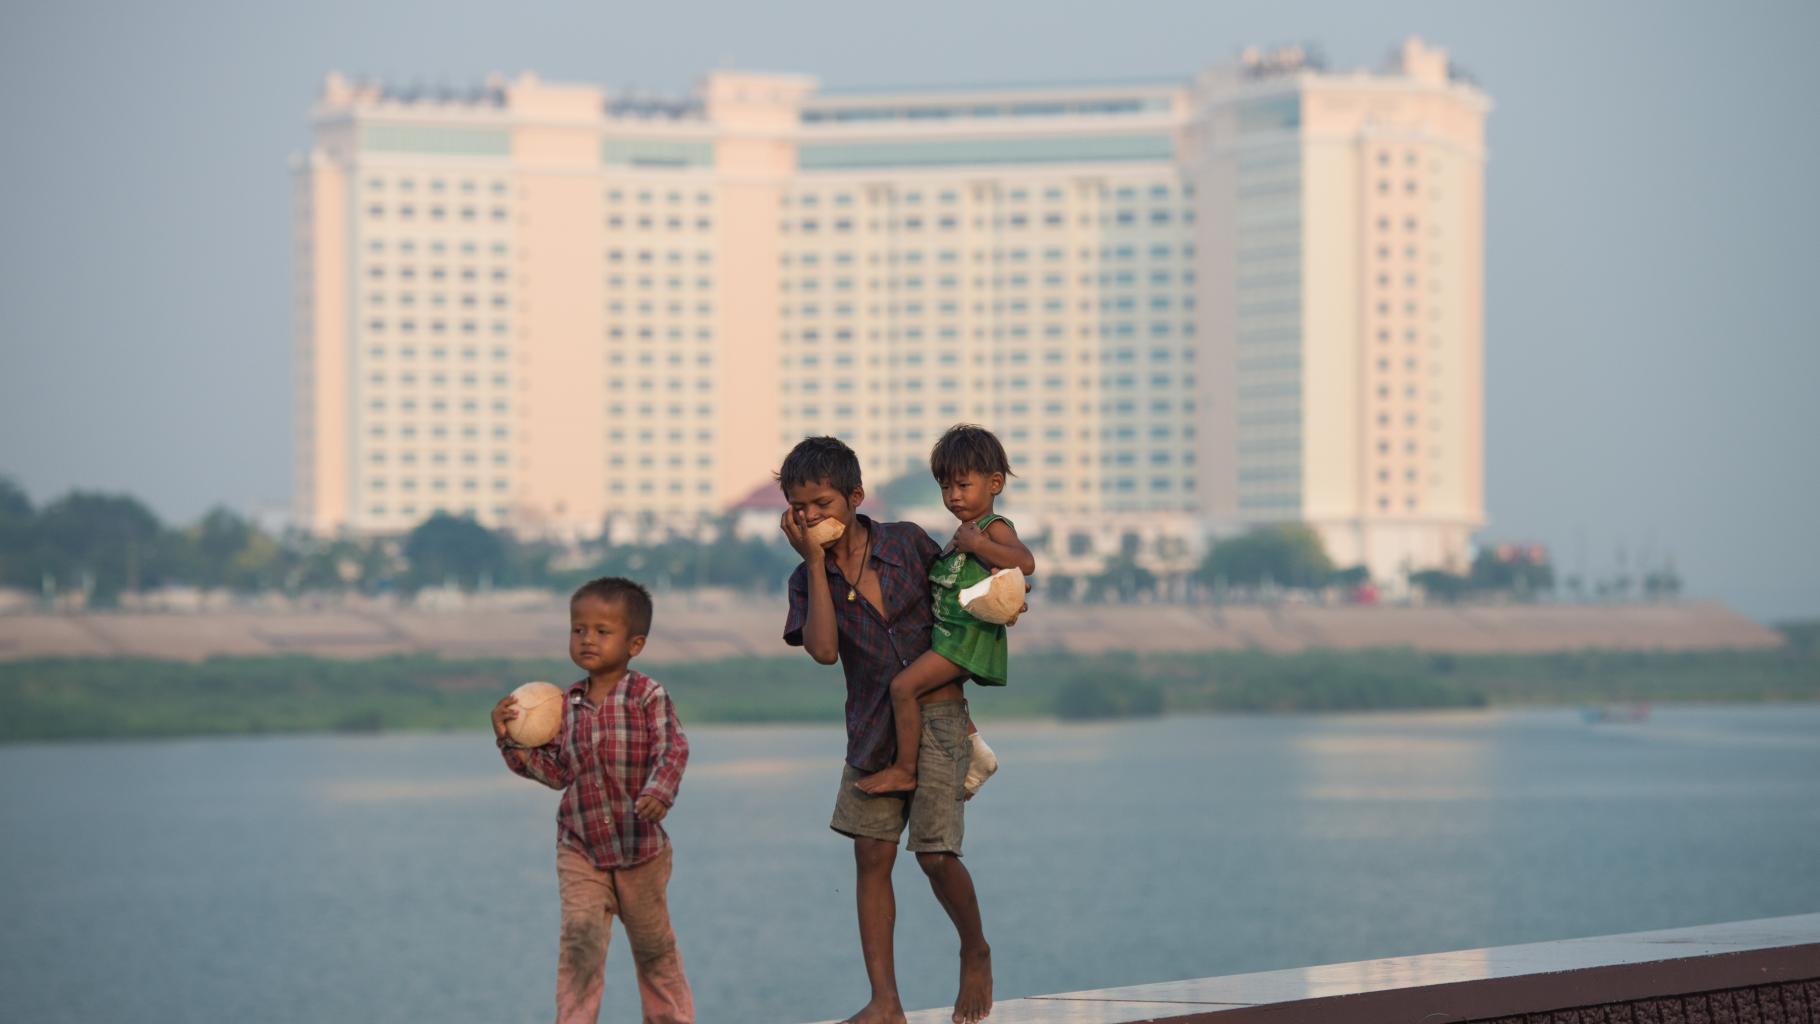 Die Promenade von Phnom Penh in der Hauptstadt Kambodschas